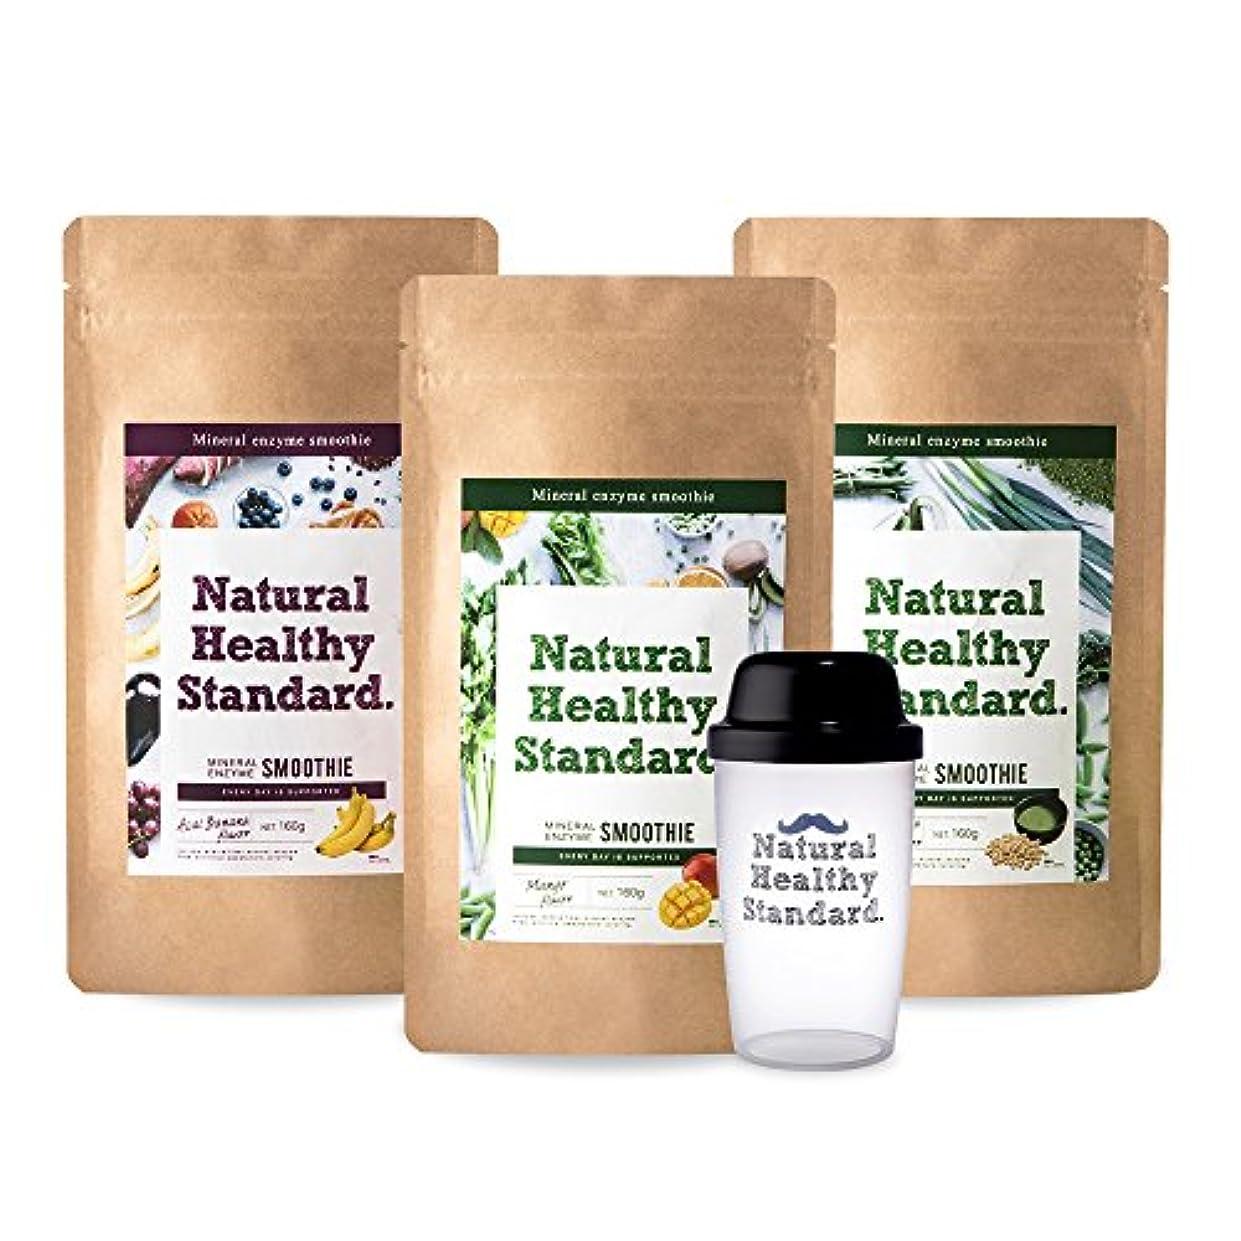 気球プロテスタントエピソードNatural Healthy Standard. 選べるスムージー3袋セット マンゴー 豆乳抹茶 アサイーバナナ 160g×3袋